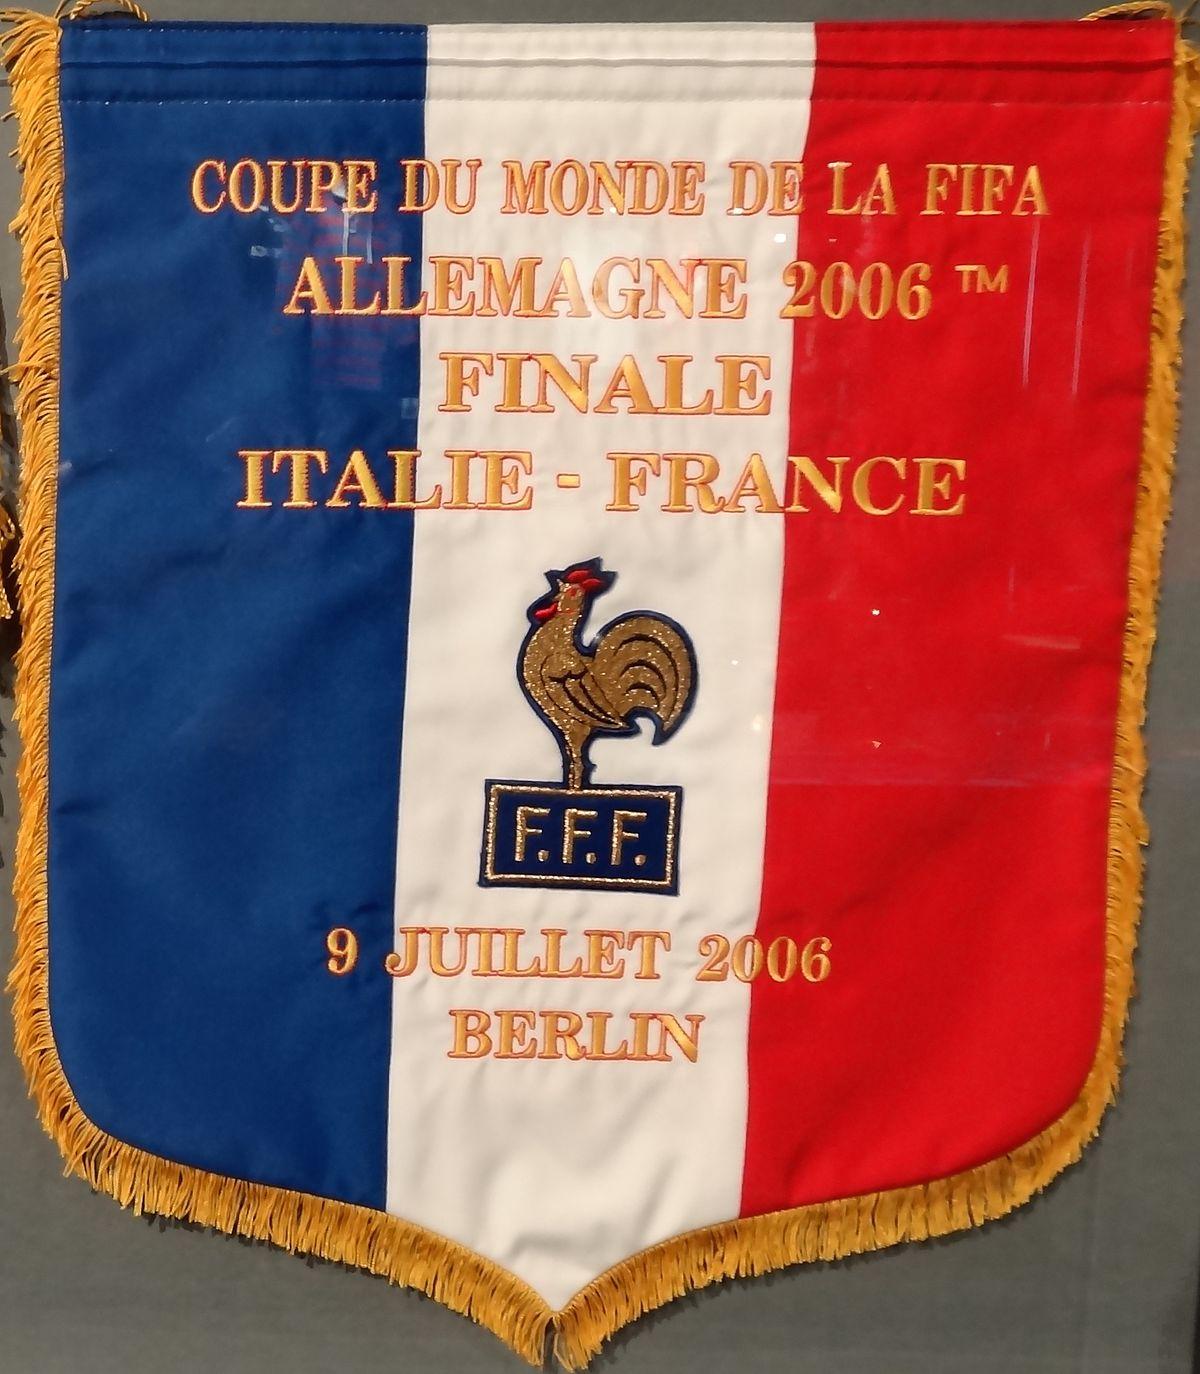 Finale de la coupe du monde de football de 2006 wikip dia - France portugal coupe du monde 2006 ...